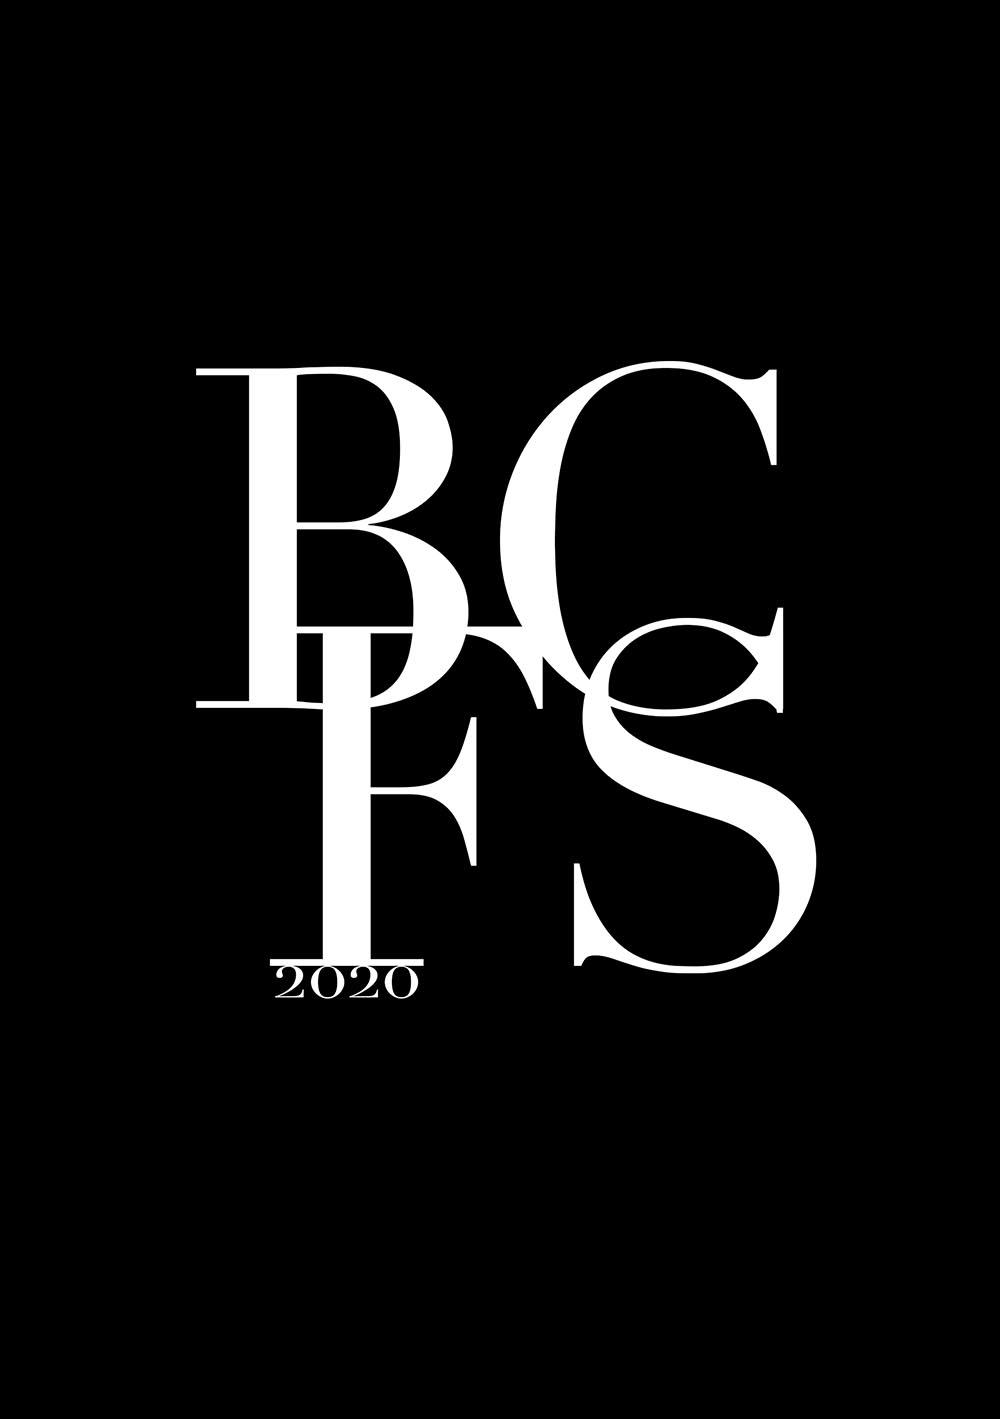 BCFS 2020